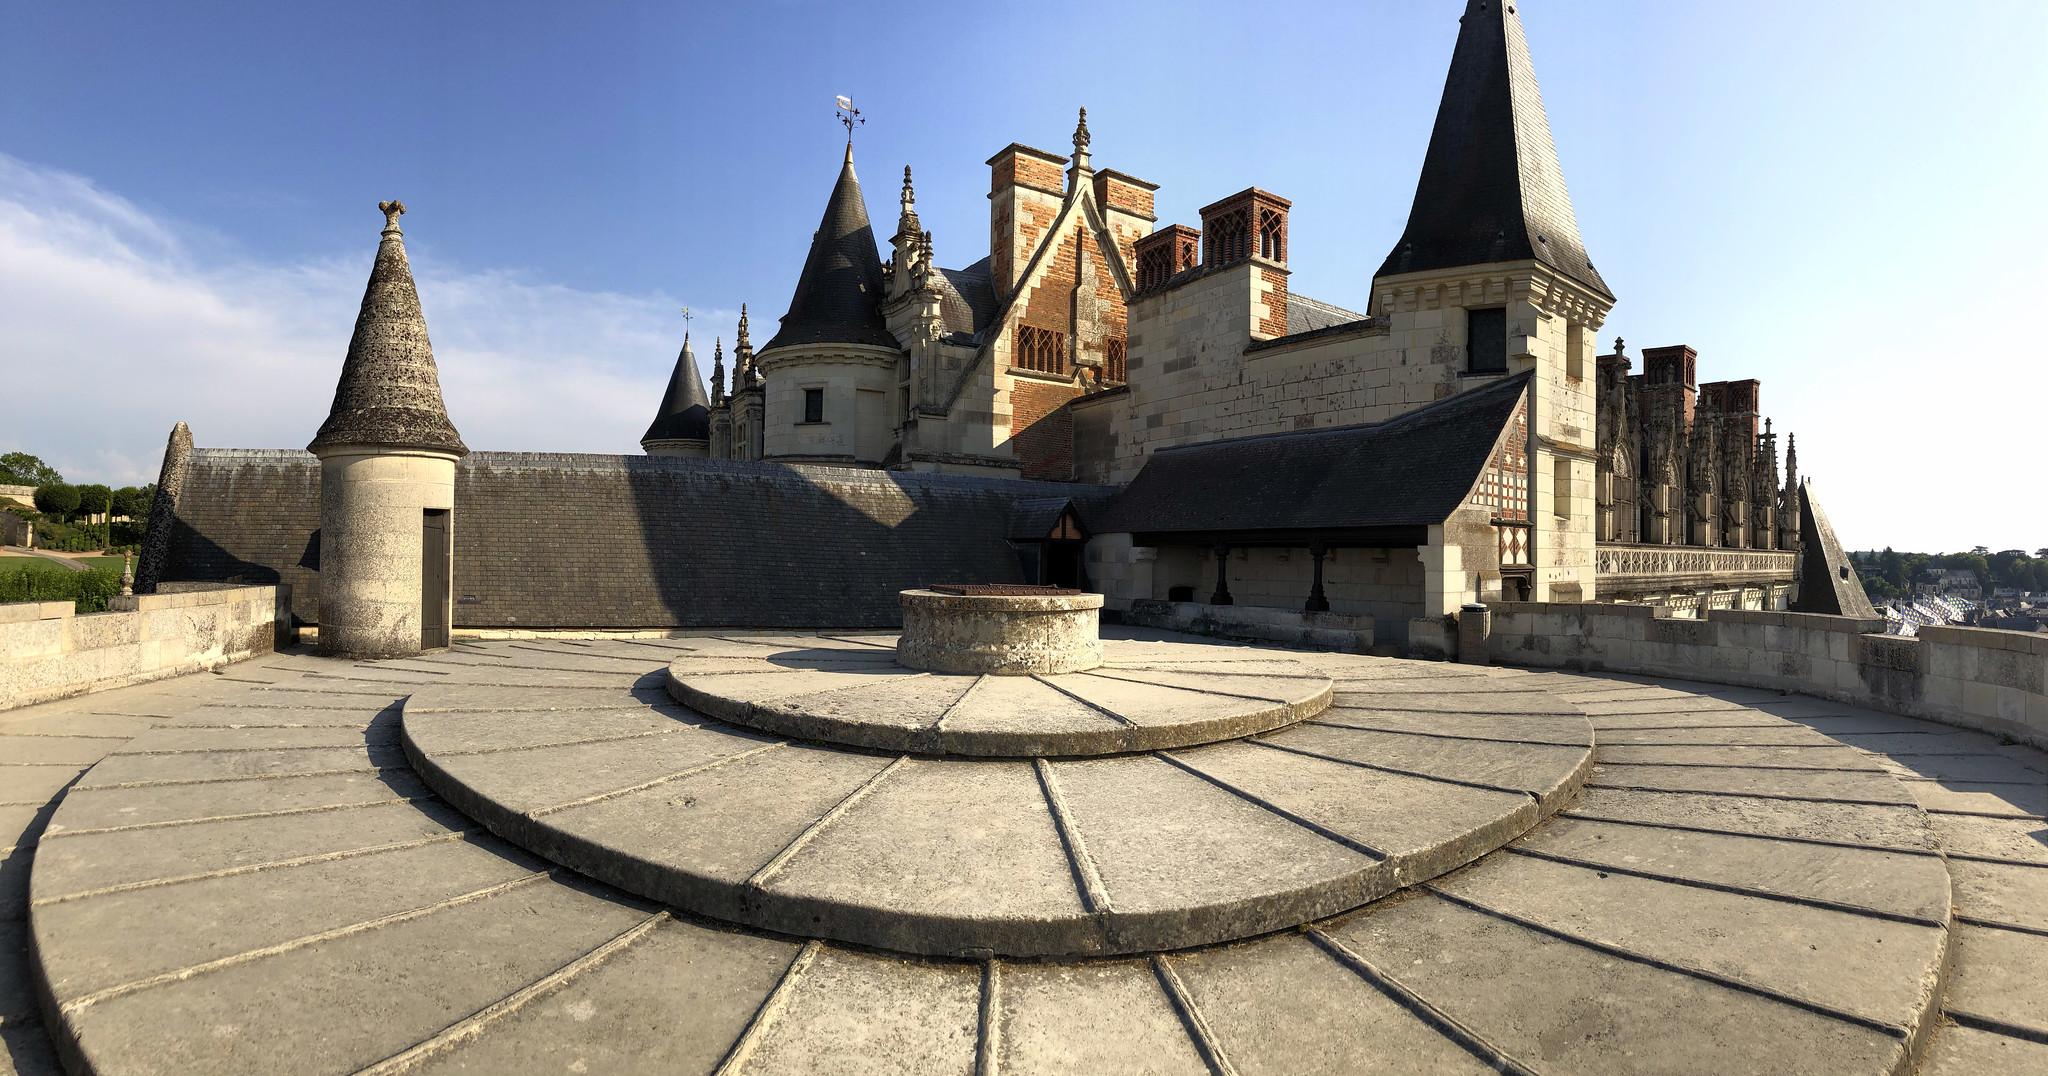 Valle del Loira en 2 días, Francia - Amboise, Tours, Chenonceau valle del loira en 2 días - 48643936692 95c4c3d8d9 k - Valle del Loira en 2 días